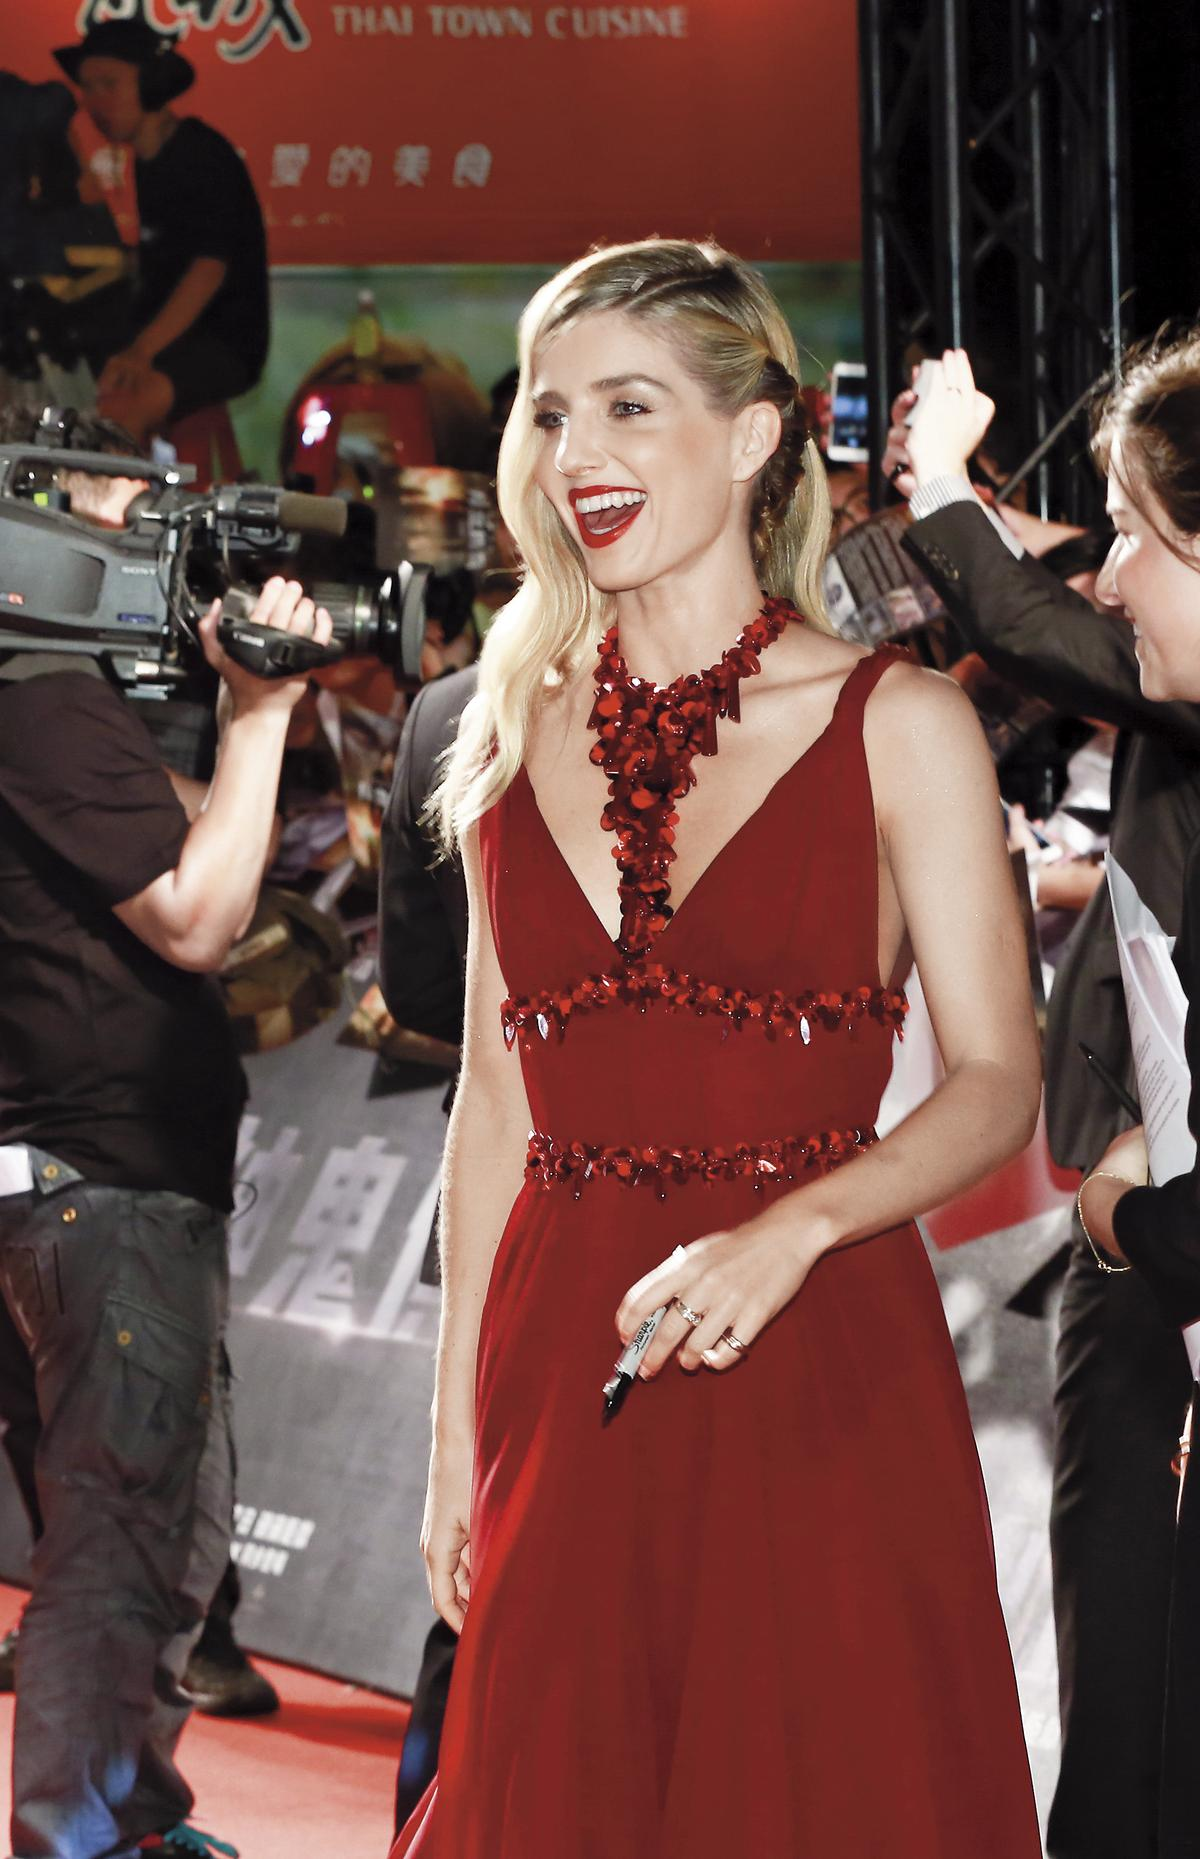 安娜貝爾瓦莉絲在台北首映紅毯上,不斷露出笑容並與粉絲親切互動。